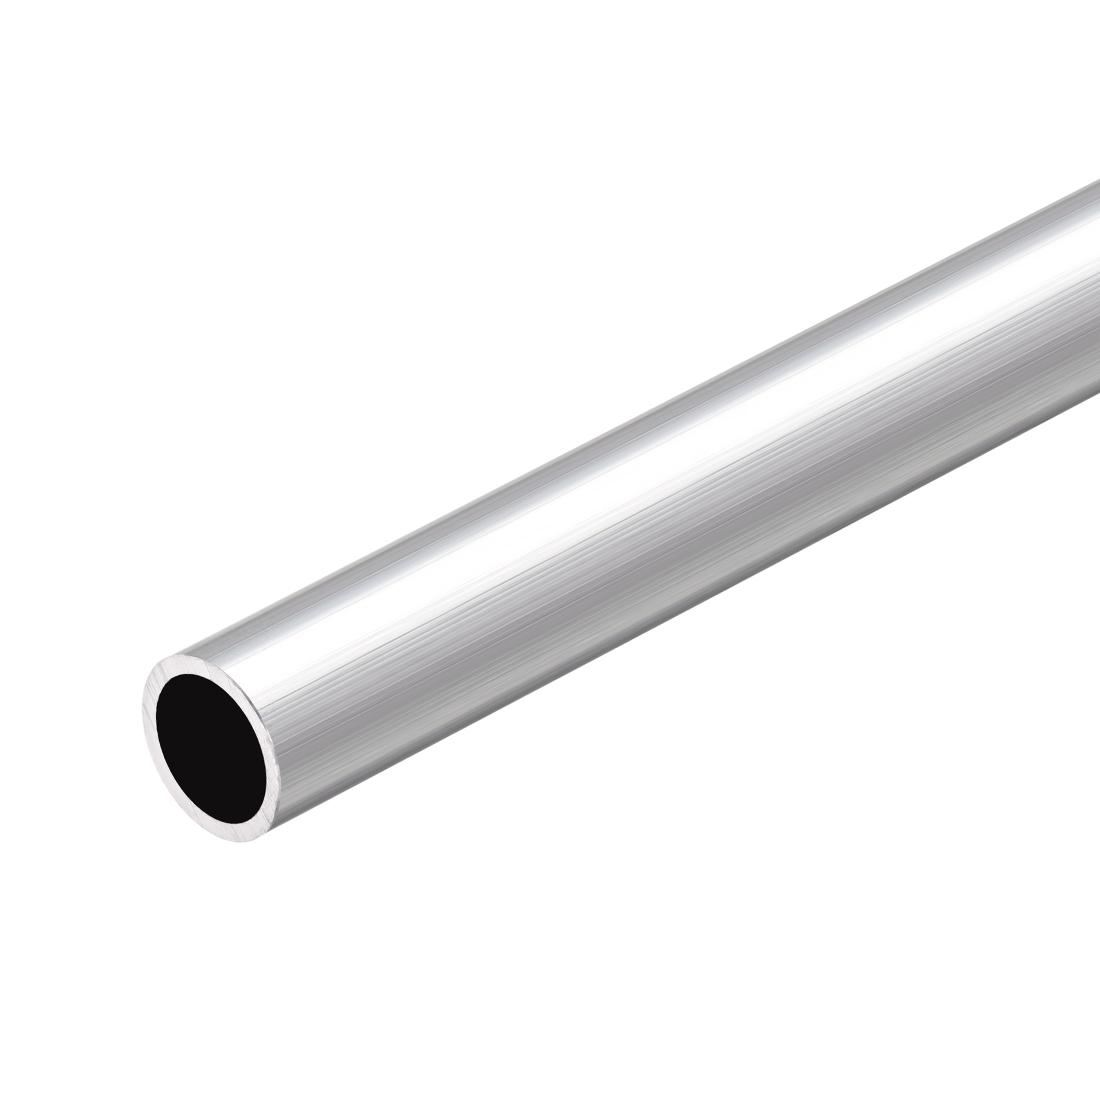 6063 Aluminum Round Tube 300mm Length 15mm OD 12mm Inner Dia Seamless Tubing